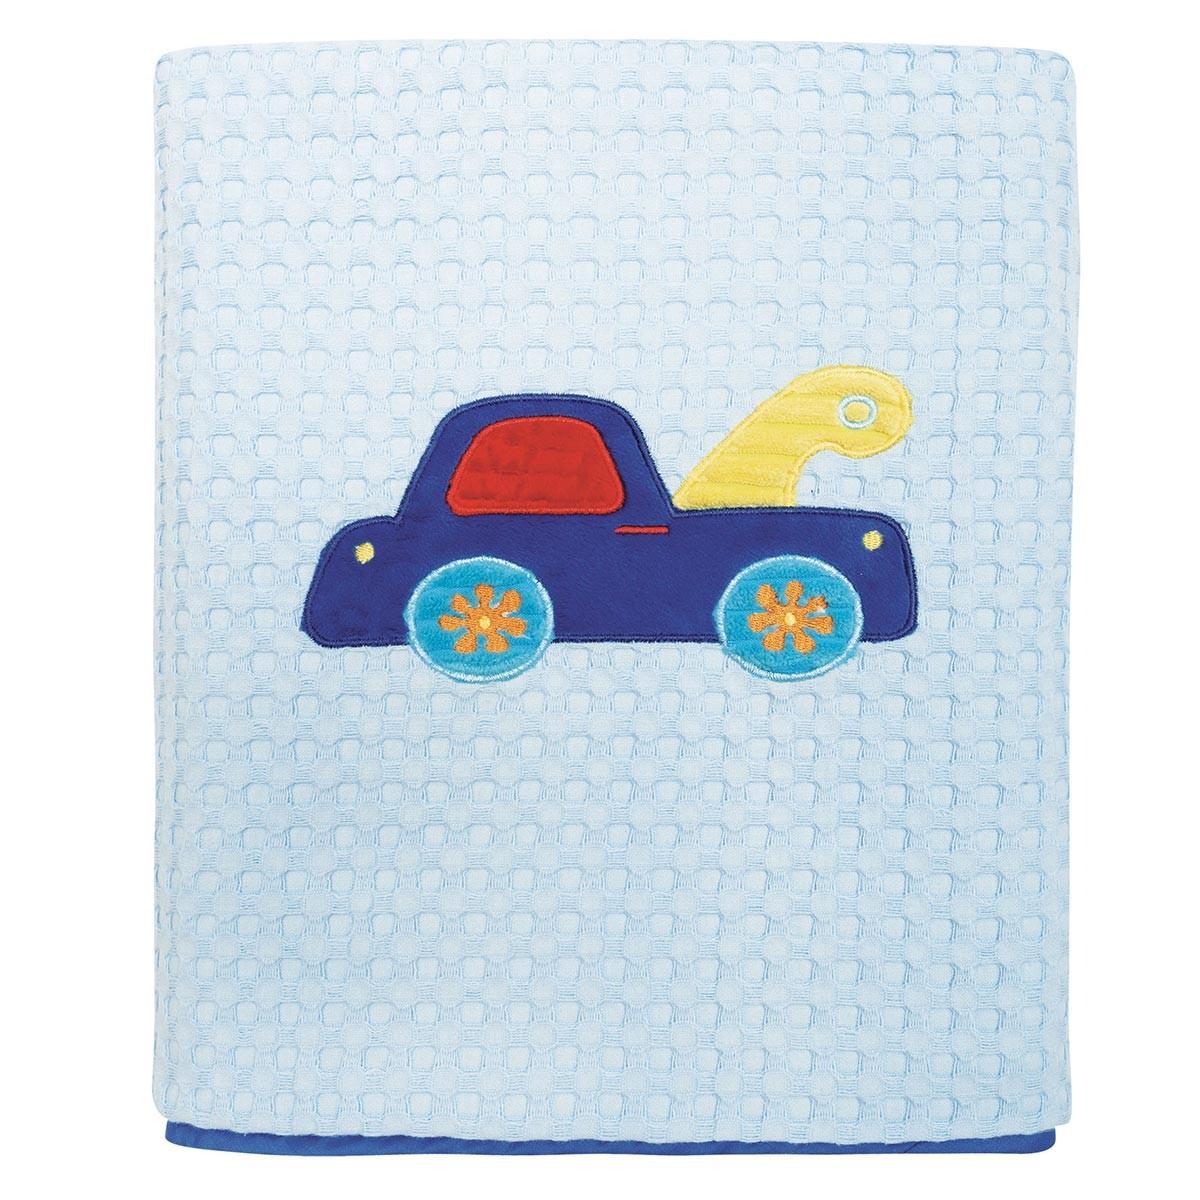 Κουβέρτα Πικέ Αγκαλιάς Das Home Dream Embroidery 6393 66790